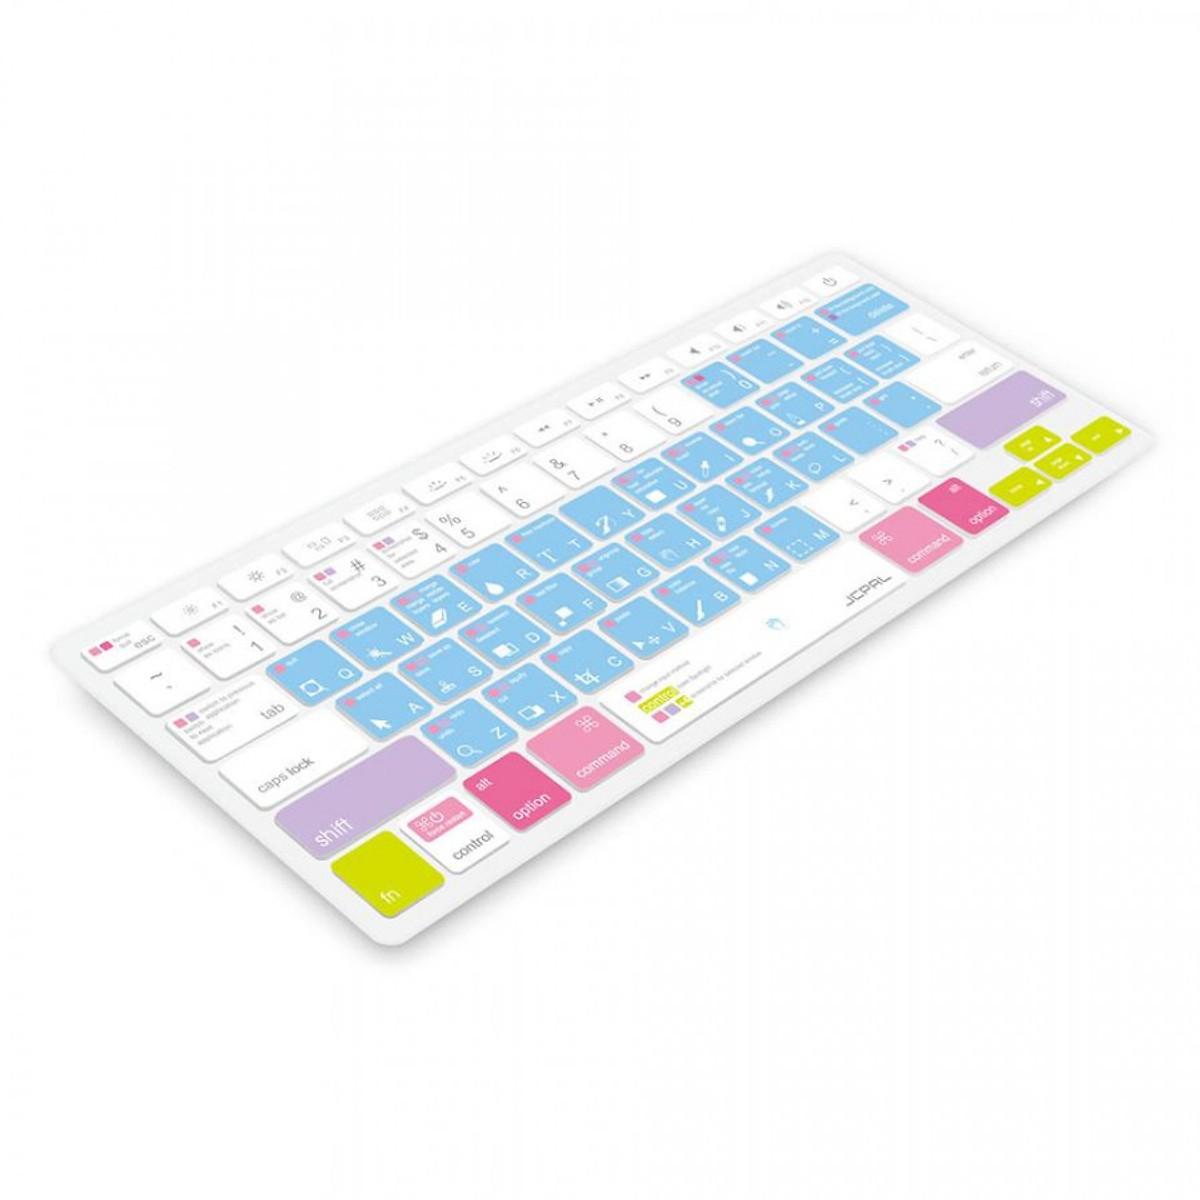 Lót phím JCPAL bảo vệ cho New Magic Keyboard - Hàng chính hãng